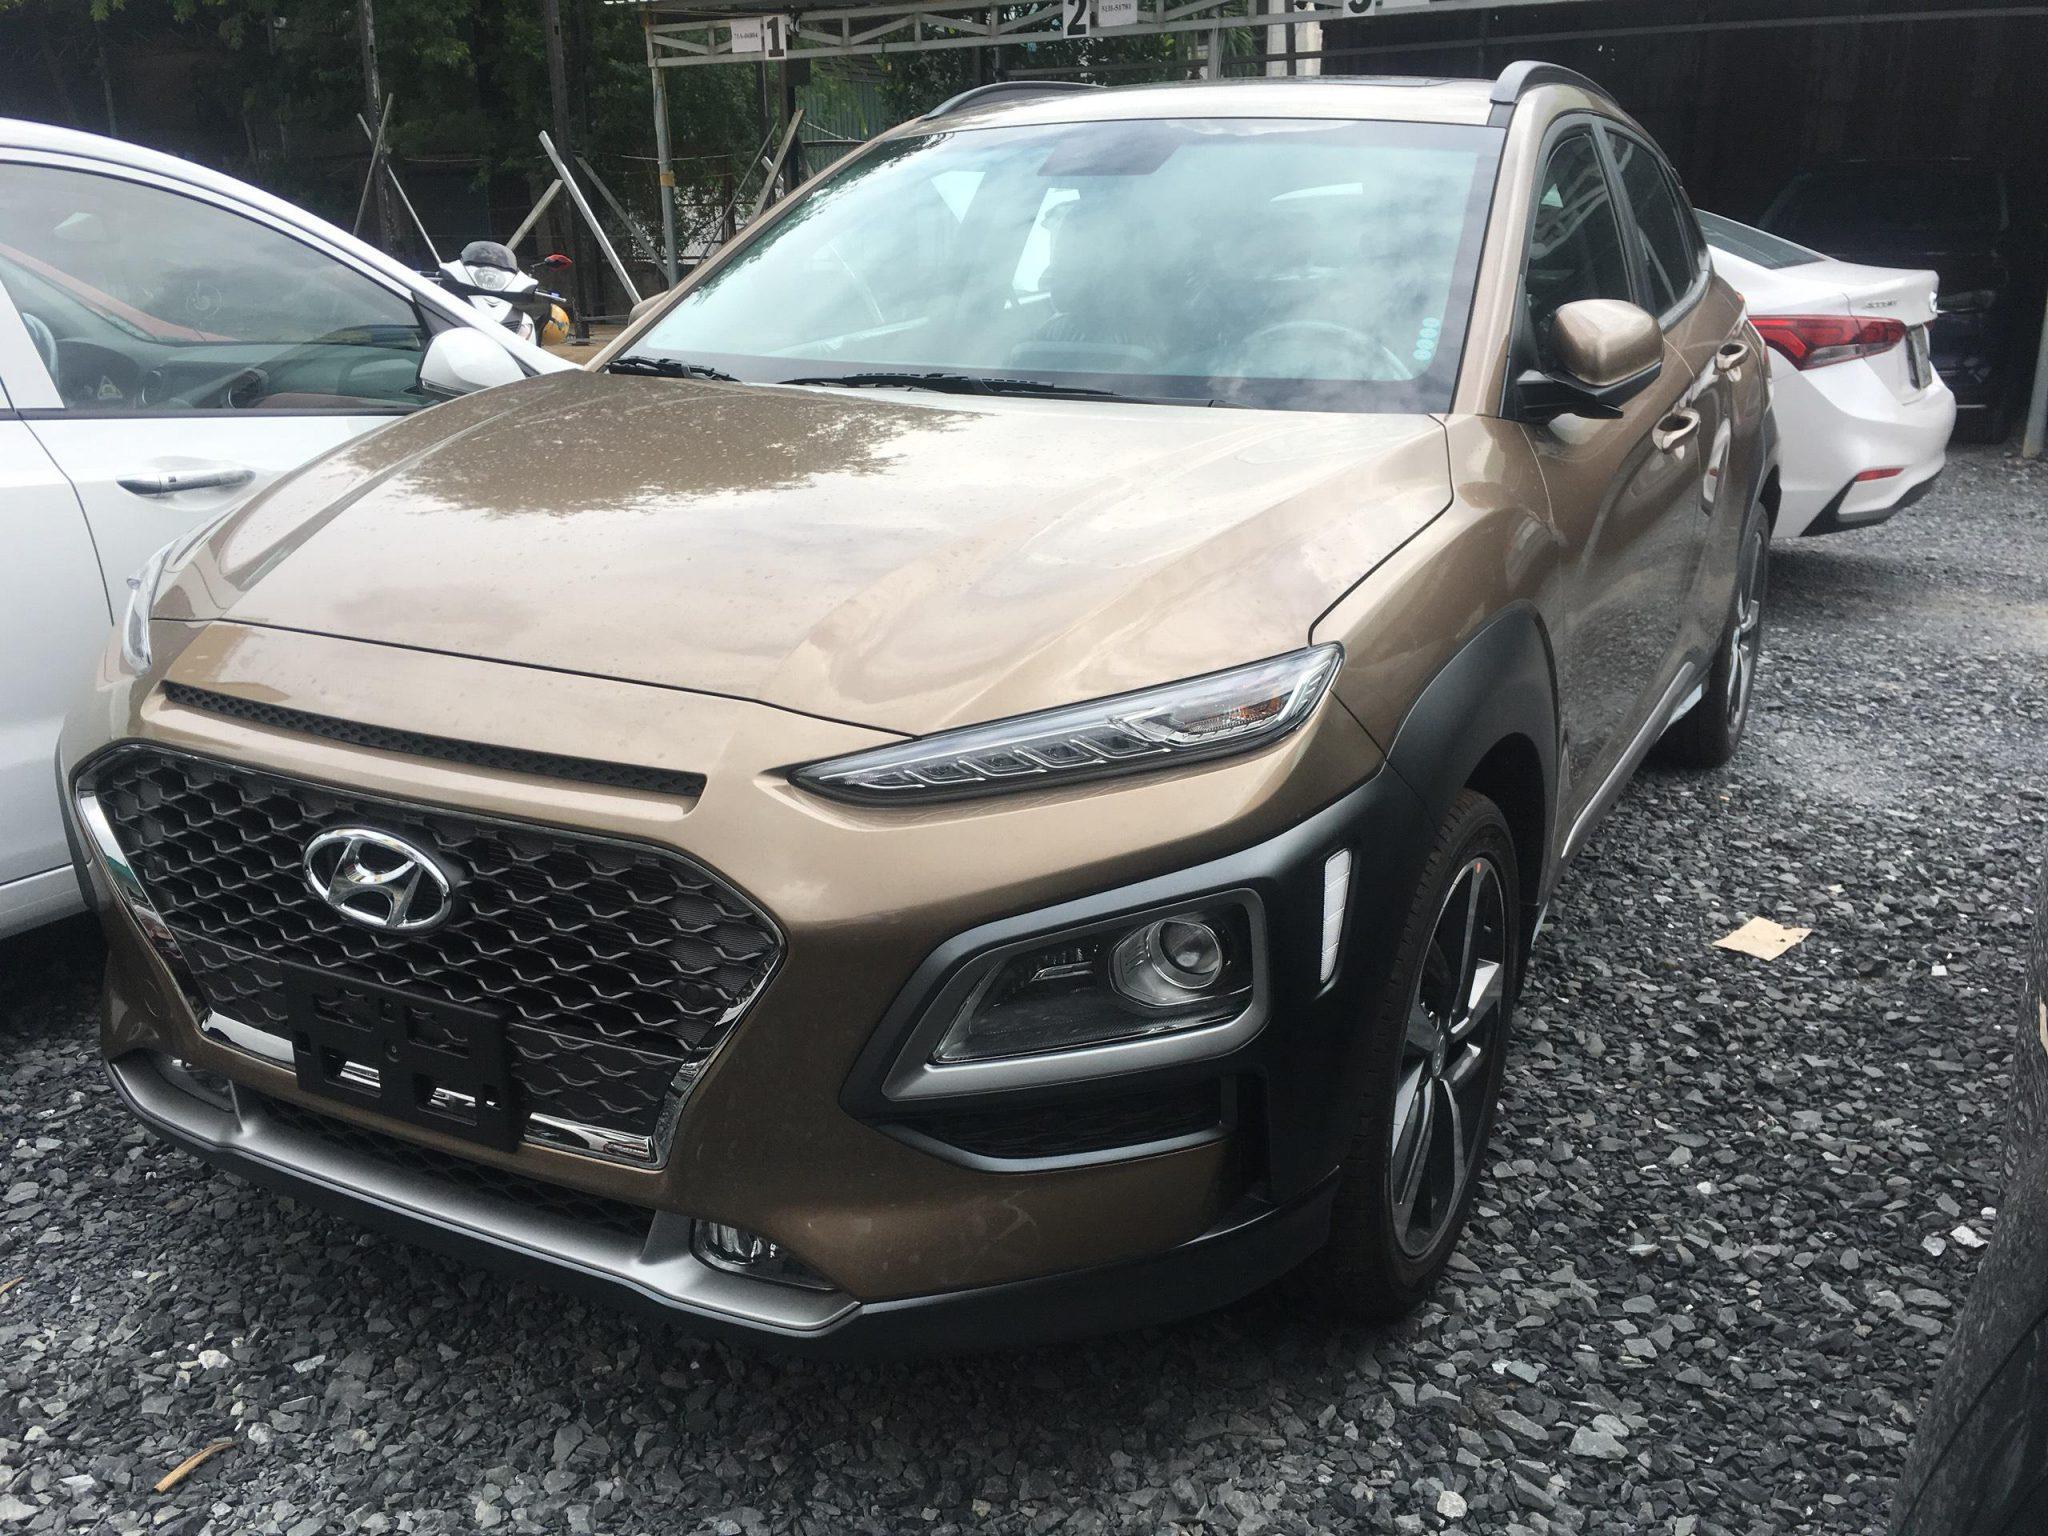 Mau xe Hyunda Kona 2019 anh 4 - Hyundai Kona mới: giá xe và khuyến mãi tháng [hienthithang]/[hienthinam]